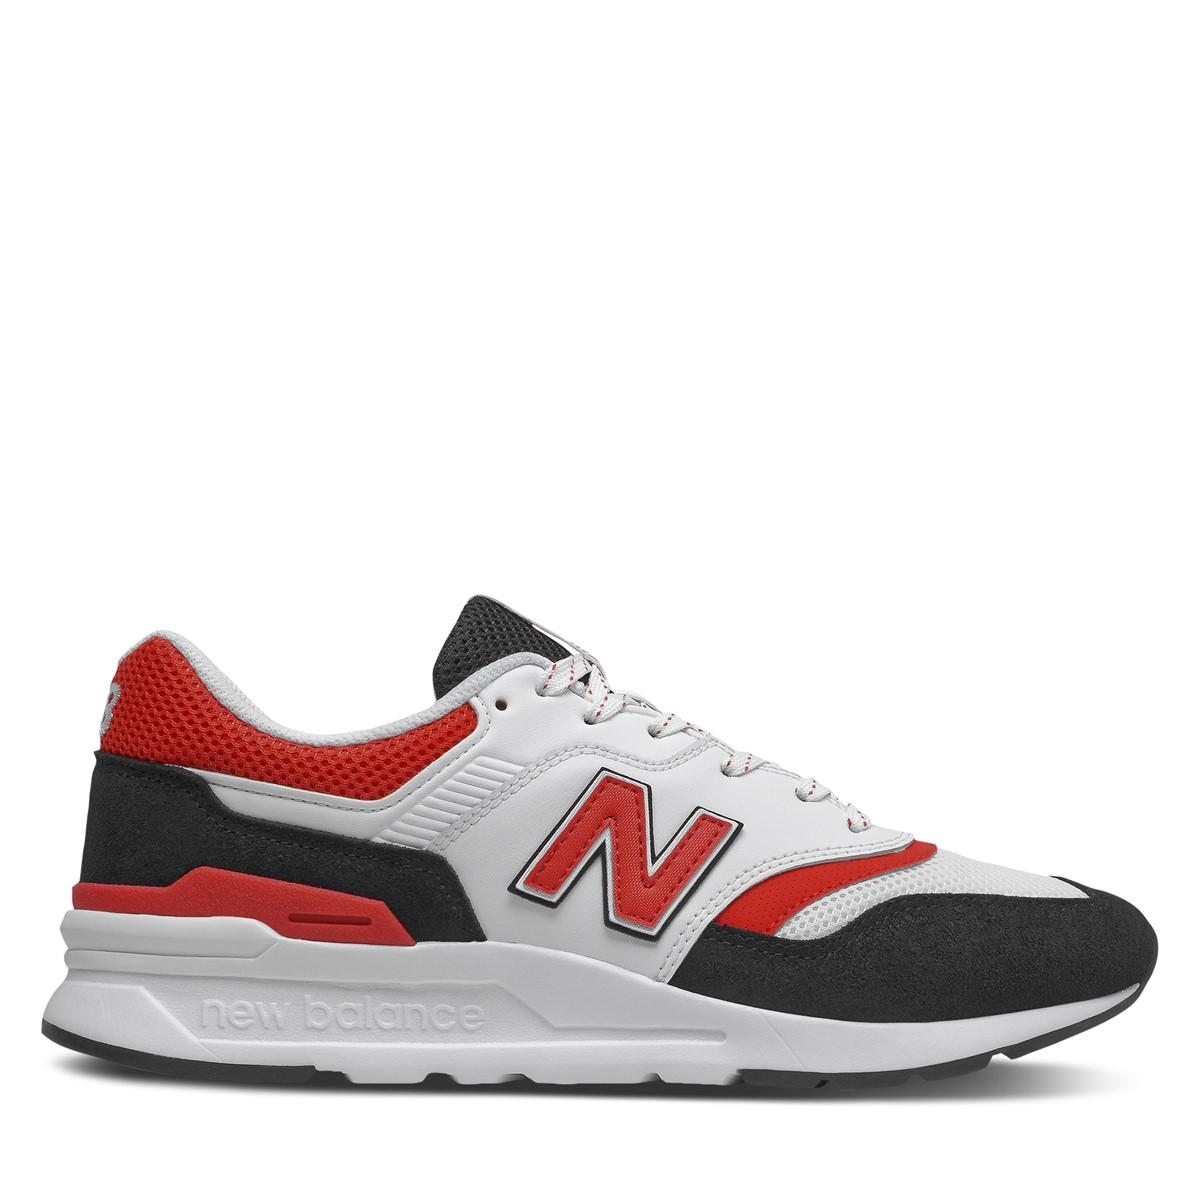 Men's 997HV1 Sneakers in White/Red/Black